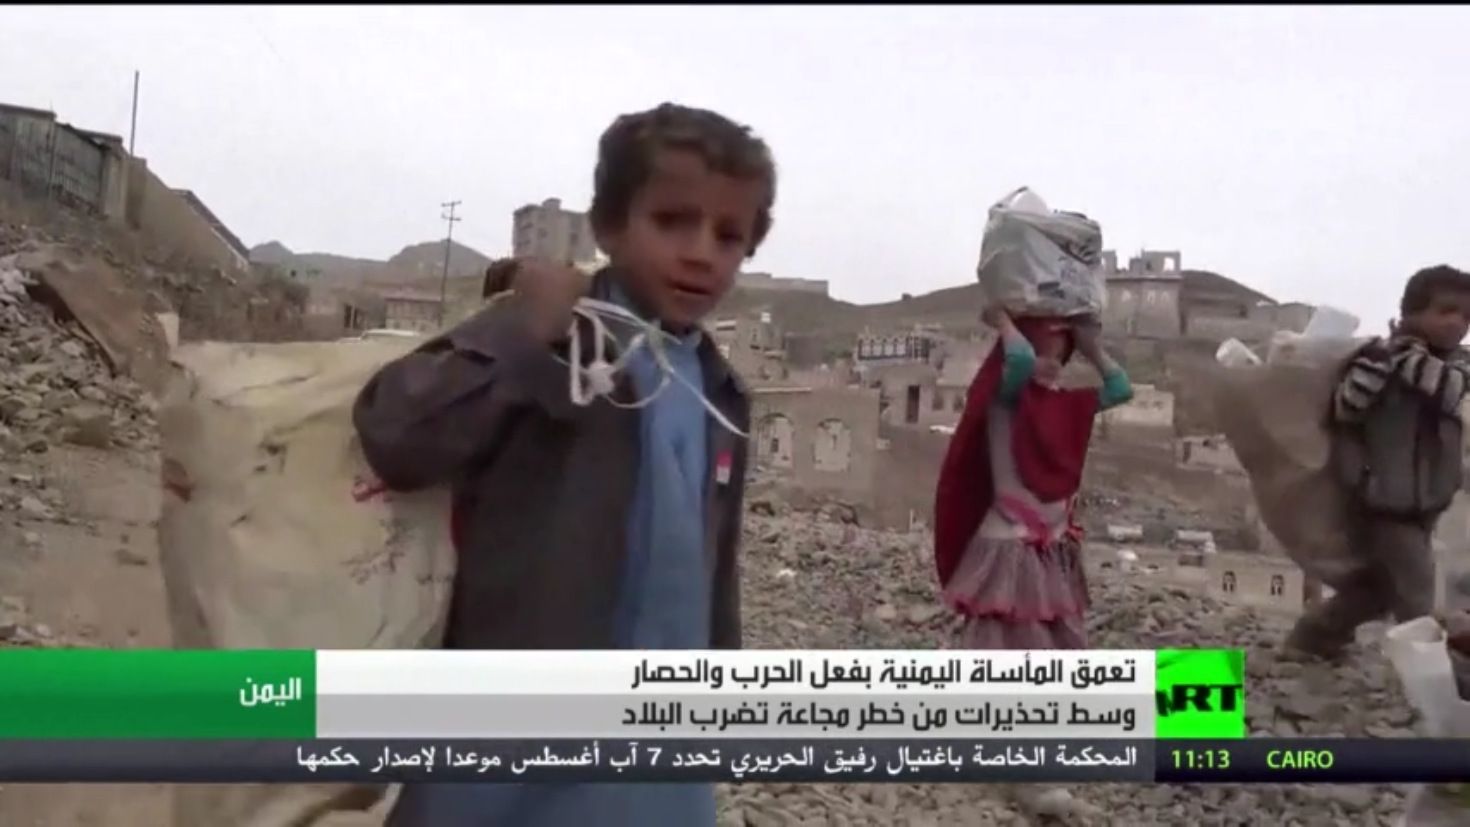 تعمق المأساة اليمنية بفعل الحرب والحصار